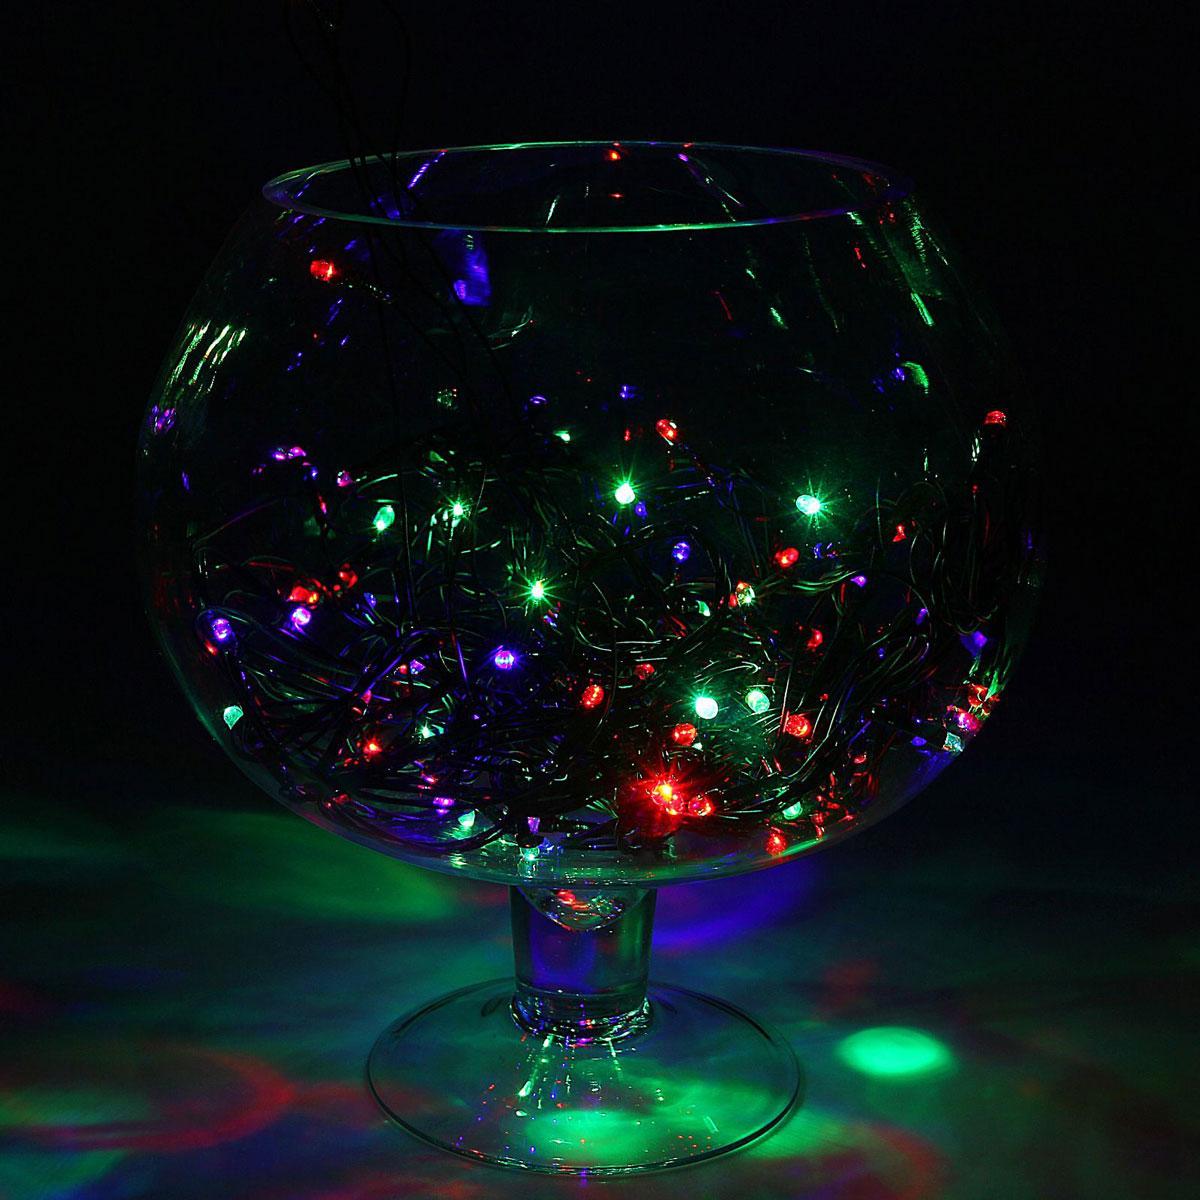 Гирлянда светодиодная Luazon Метраж, 200 ламп, 220 V, длина 20 м. 10803591080359Светодиодные гирлянды и ленты — это отличный вариант для новогоднего оформления интерьера или фасада. С их помощью помещение любого размера можно превратить в праздничный зал, а внешние элементы зданий, украшенные ими, мгновенно станут напоминать очертания сказочного дворца. Такие украшения создают ауру предвкушения чуда. Деревья, фасады, витрины, окна и арки будто специально созданы, чтобы вы украсили их светящимися нитями.